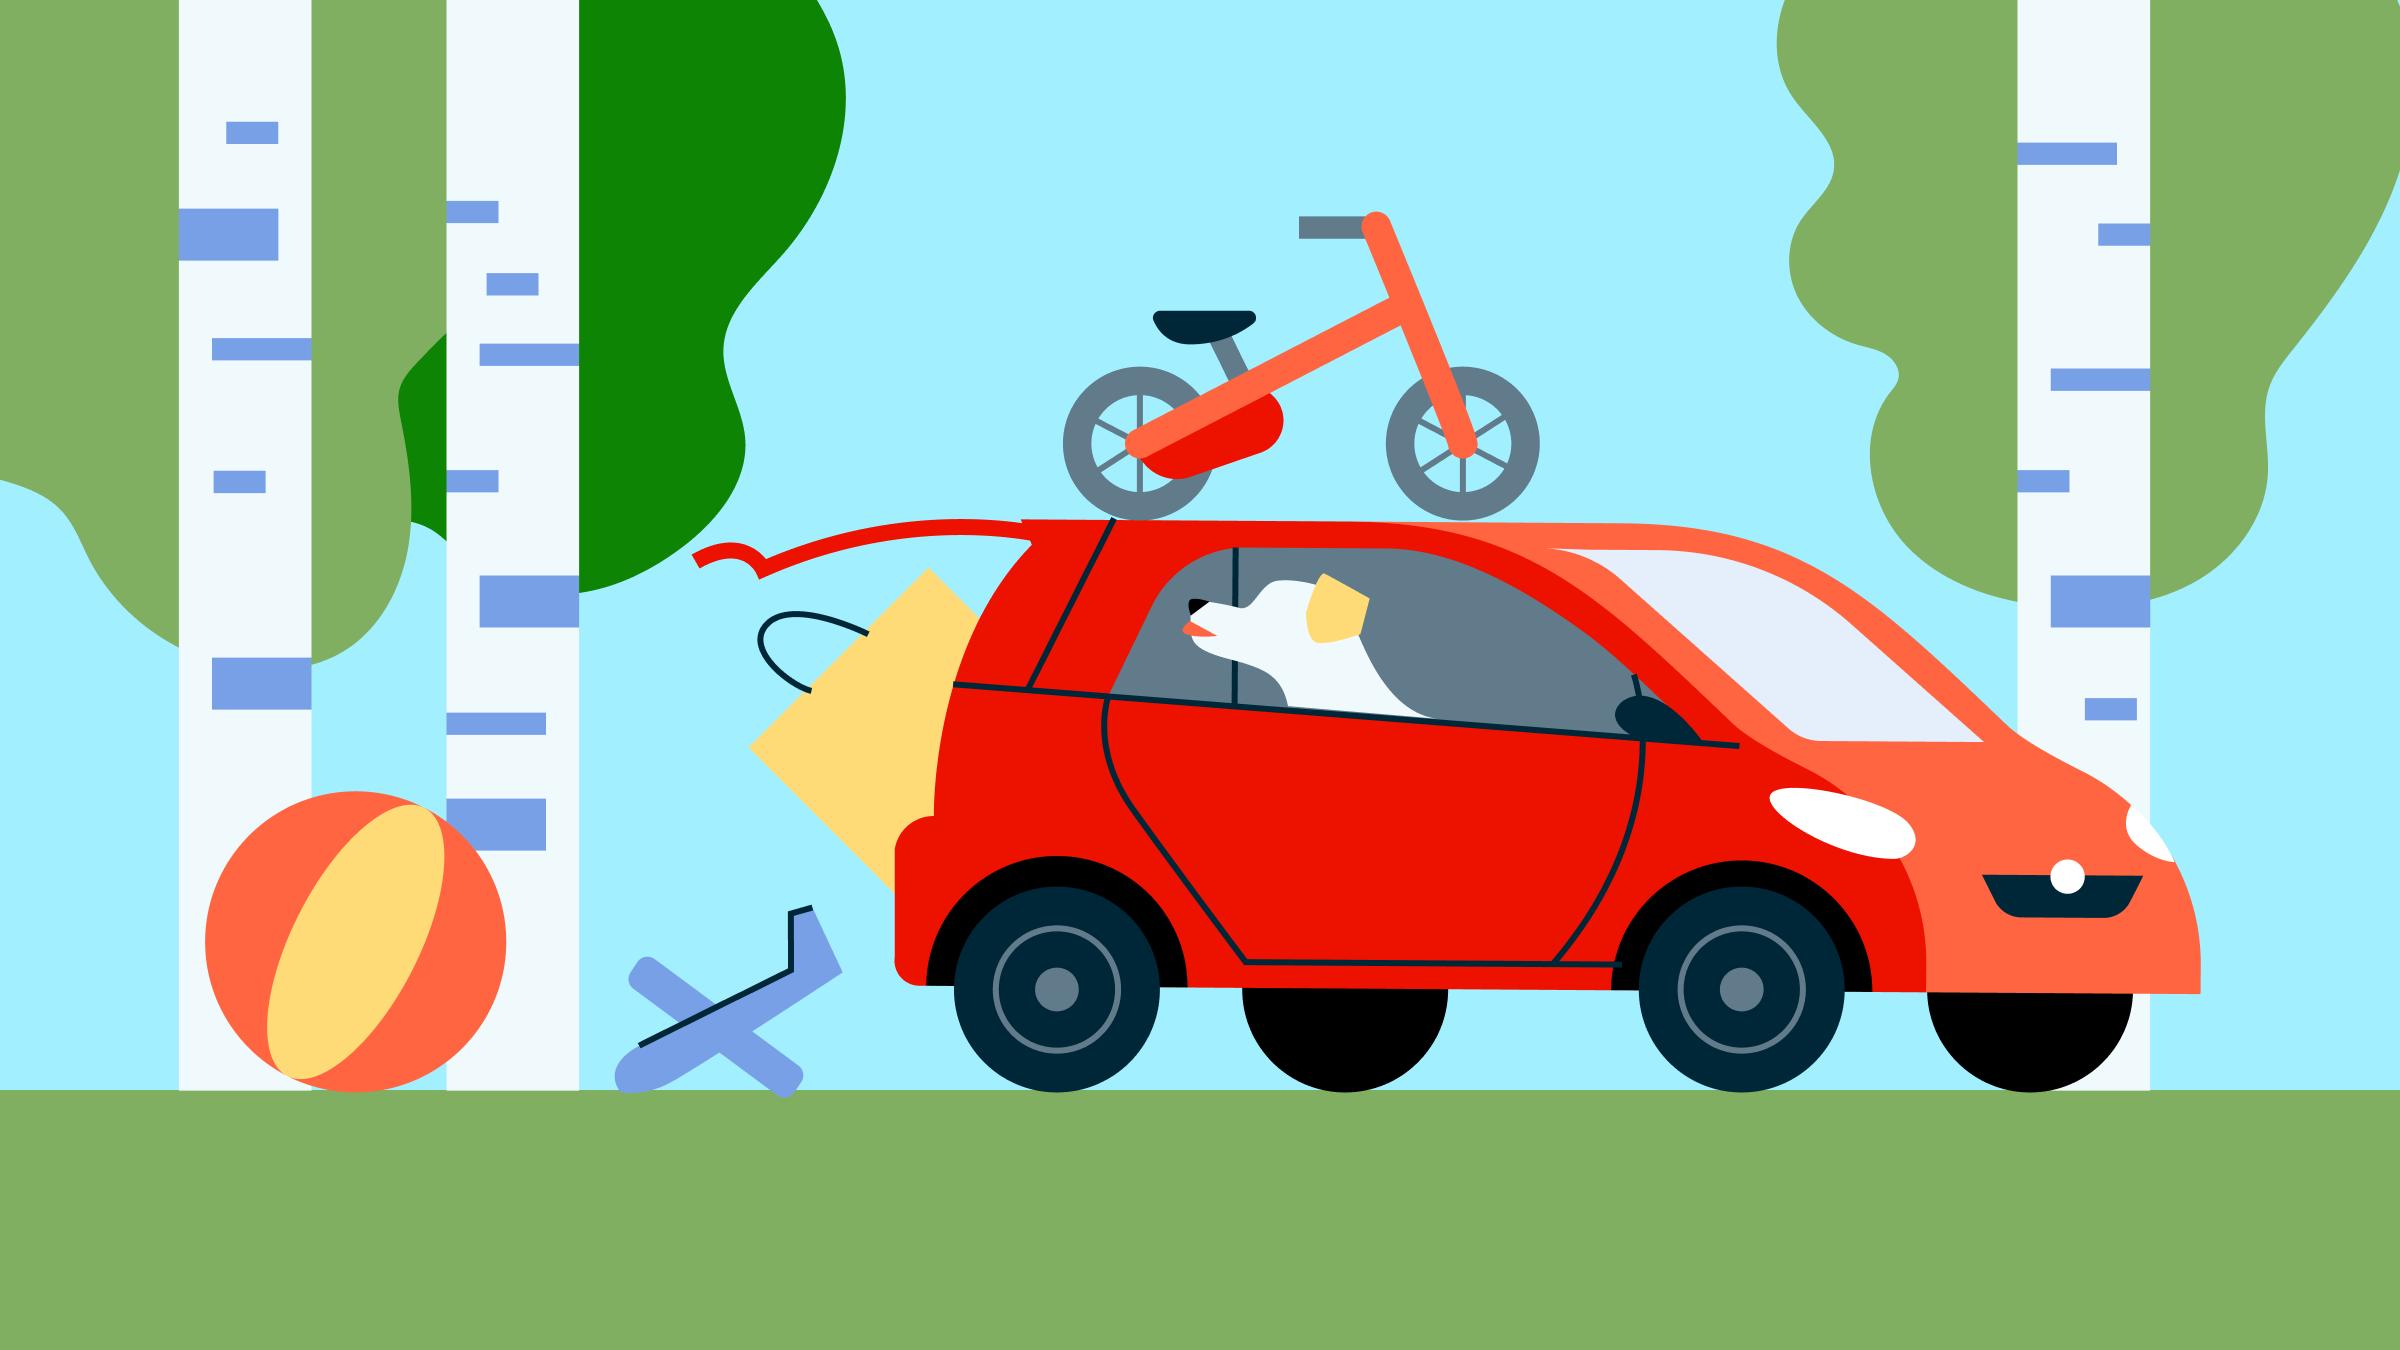 Госпрограмма семейный автомобиль 2019-2020: условия и как оформить